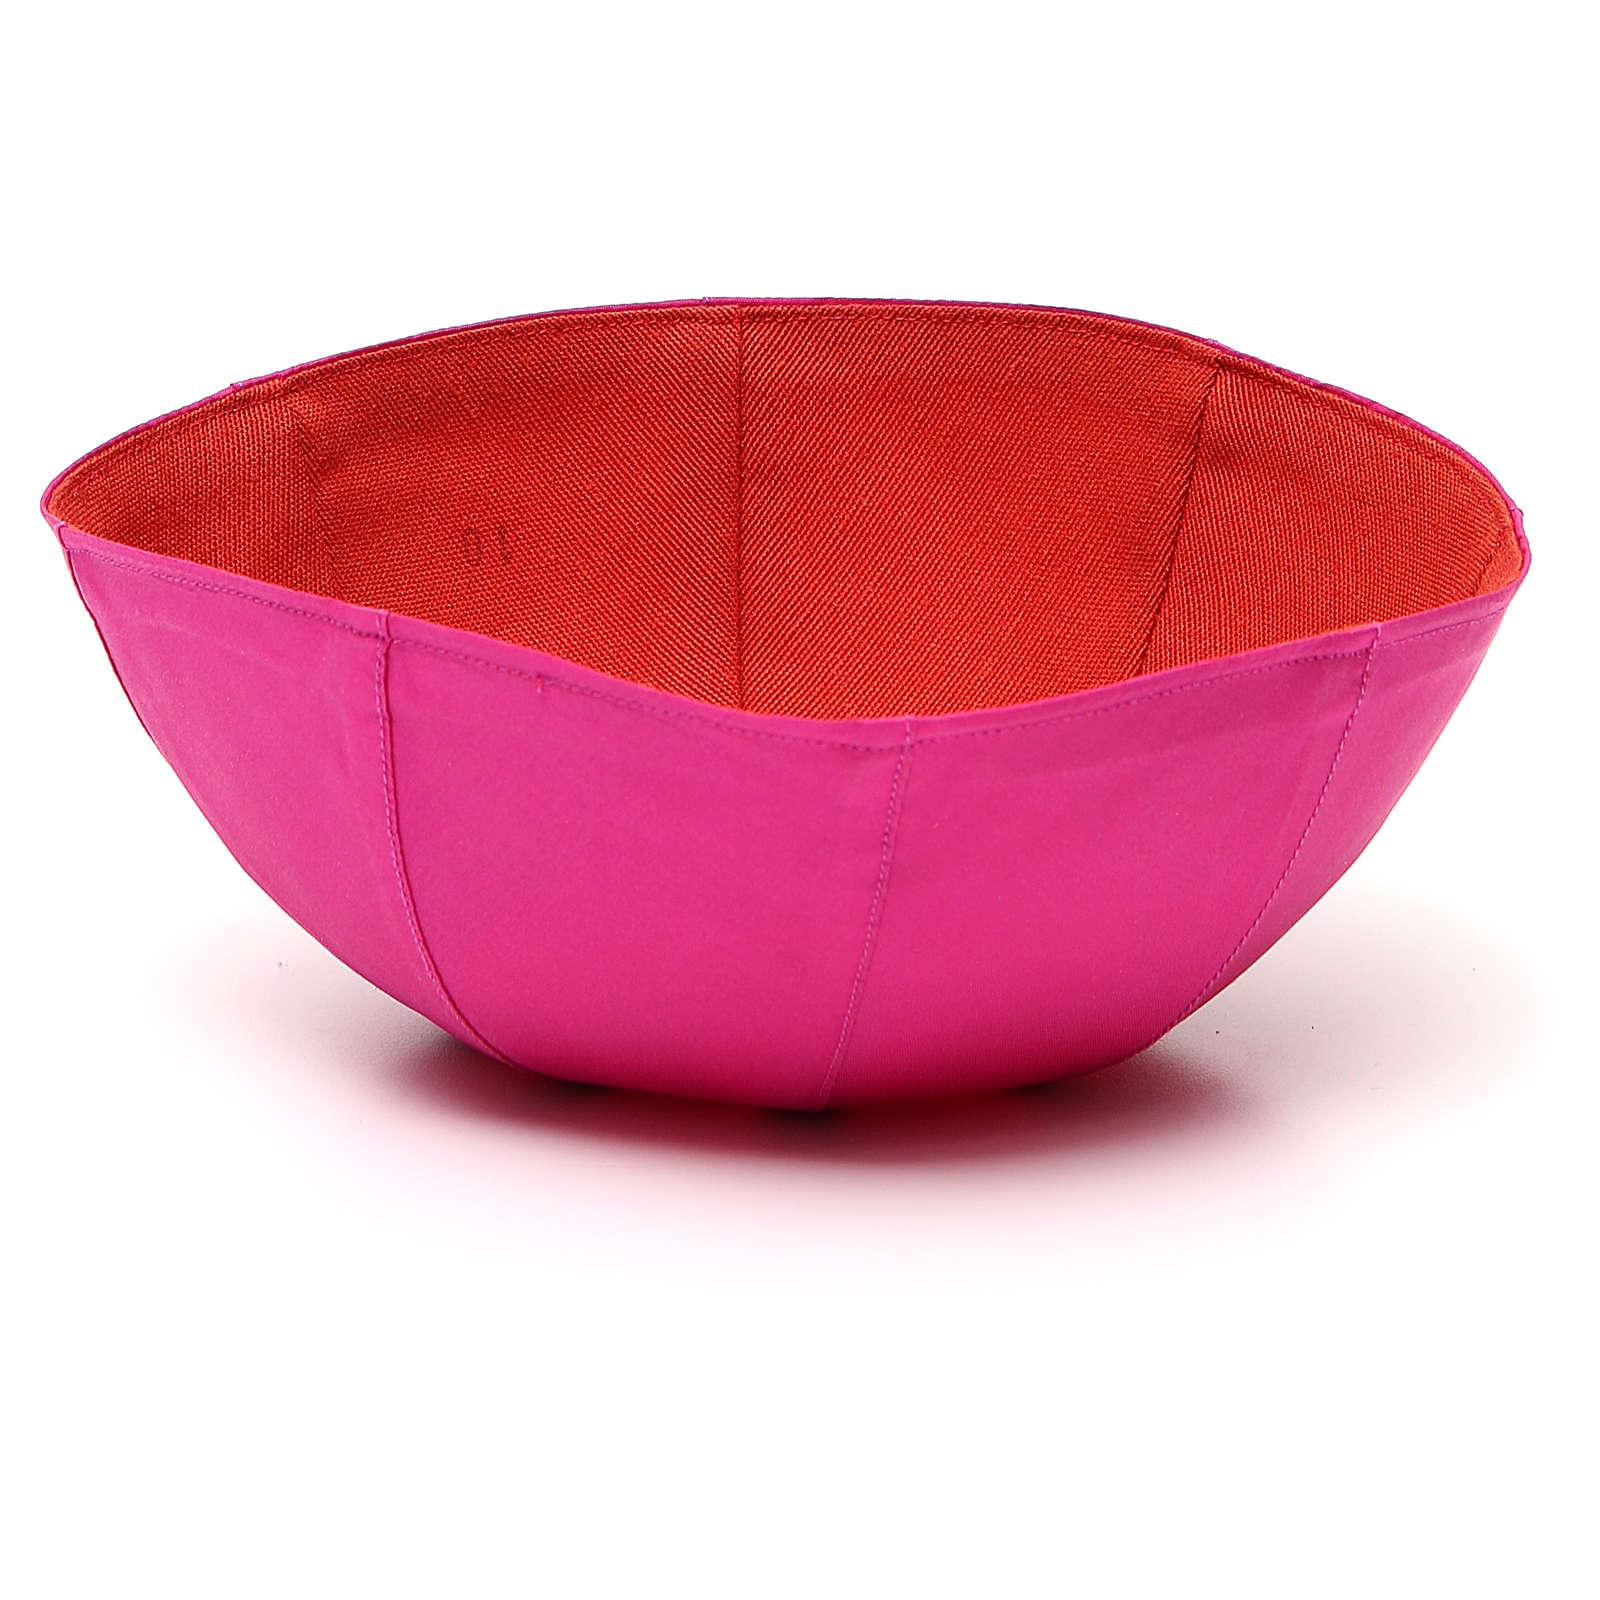 Piuska z czystego jedwabiu kolor purpurowy 3